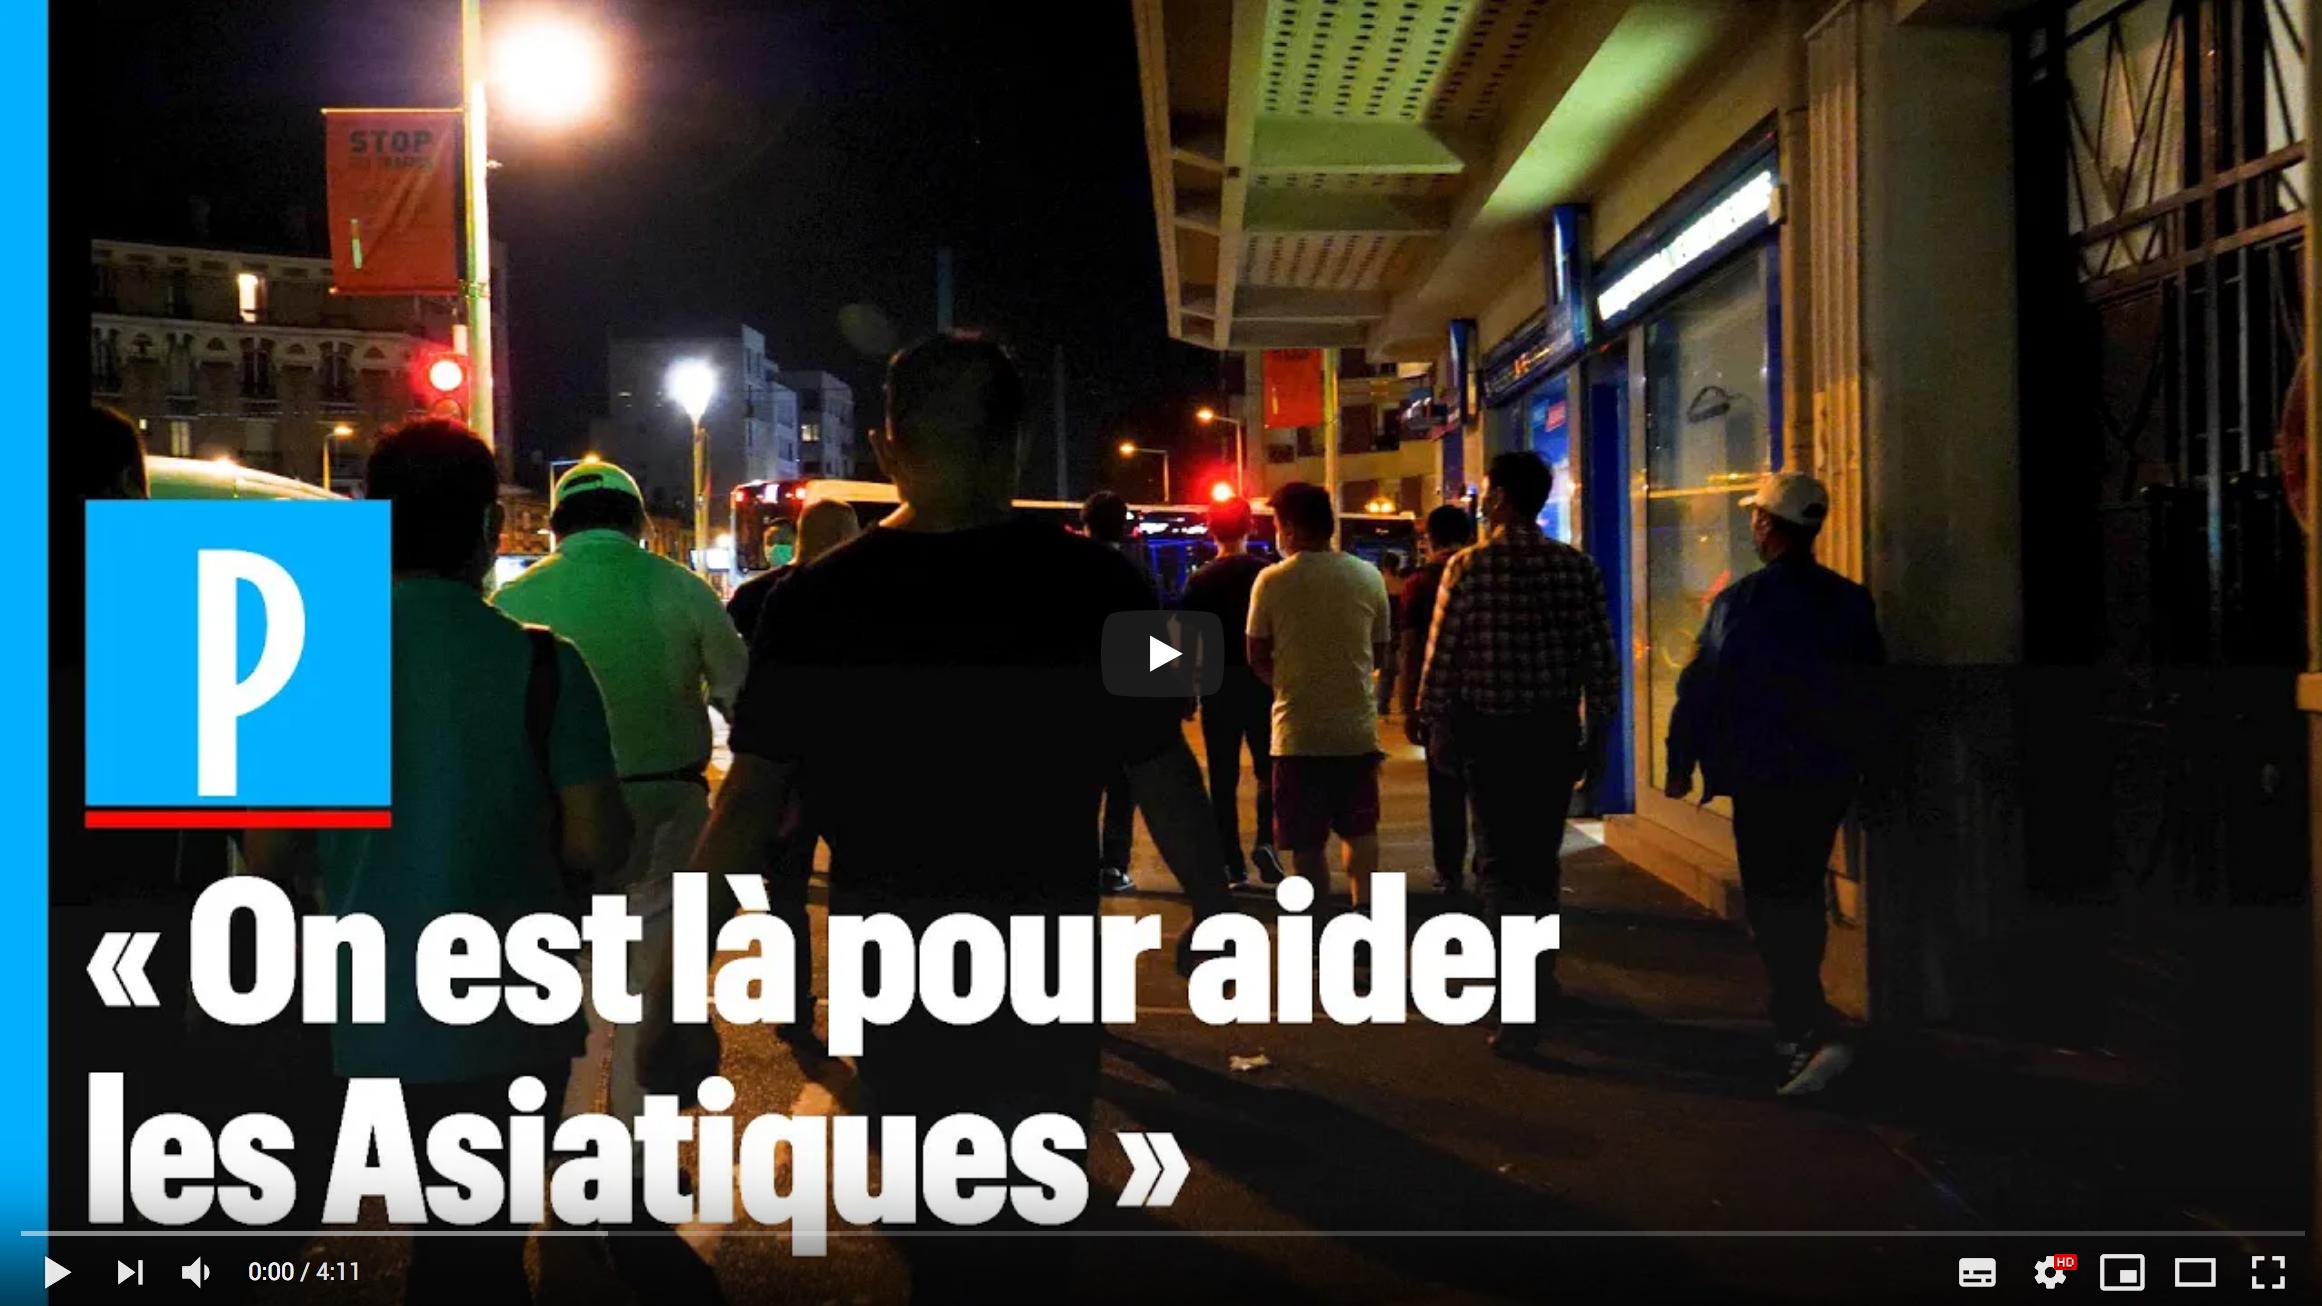 À La Courneuve, la communauté chinoise « patrouille pour sa sécurité » face à la racaille (VIDÉO)